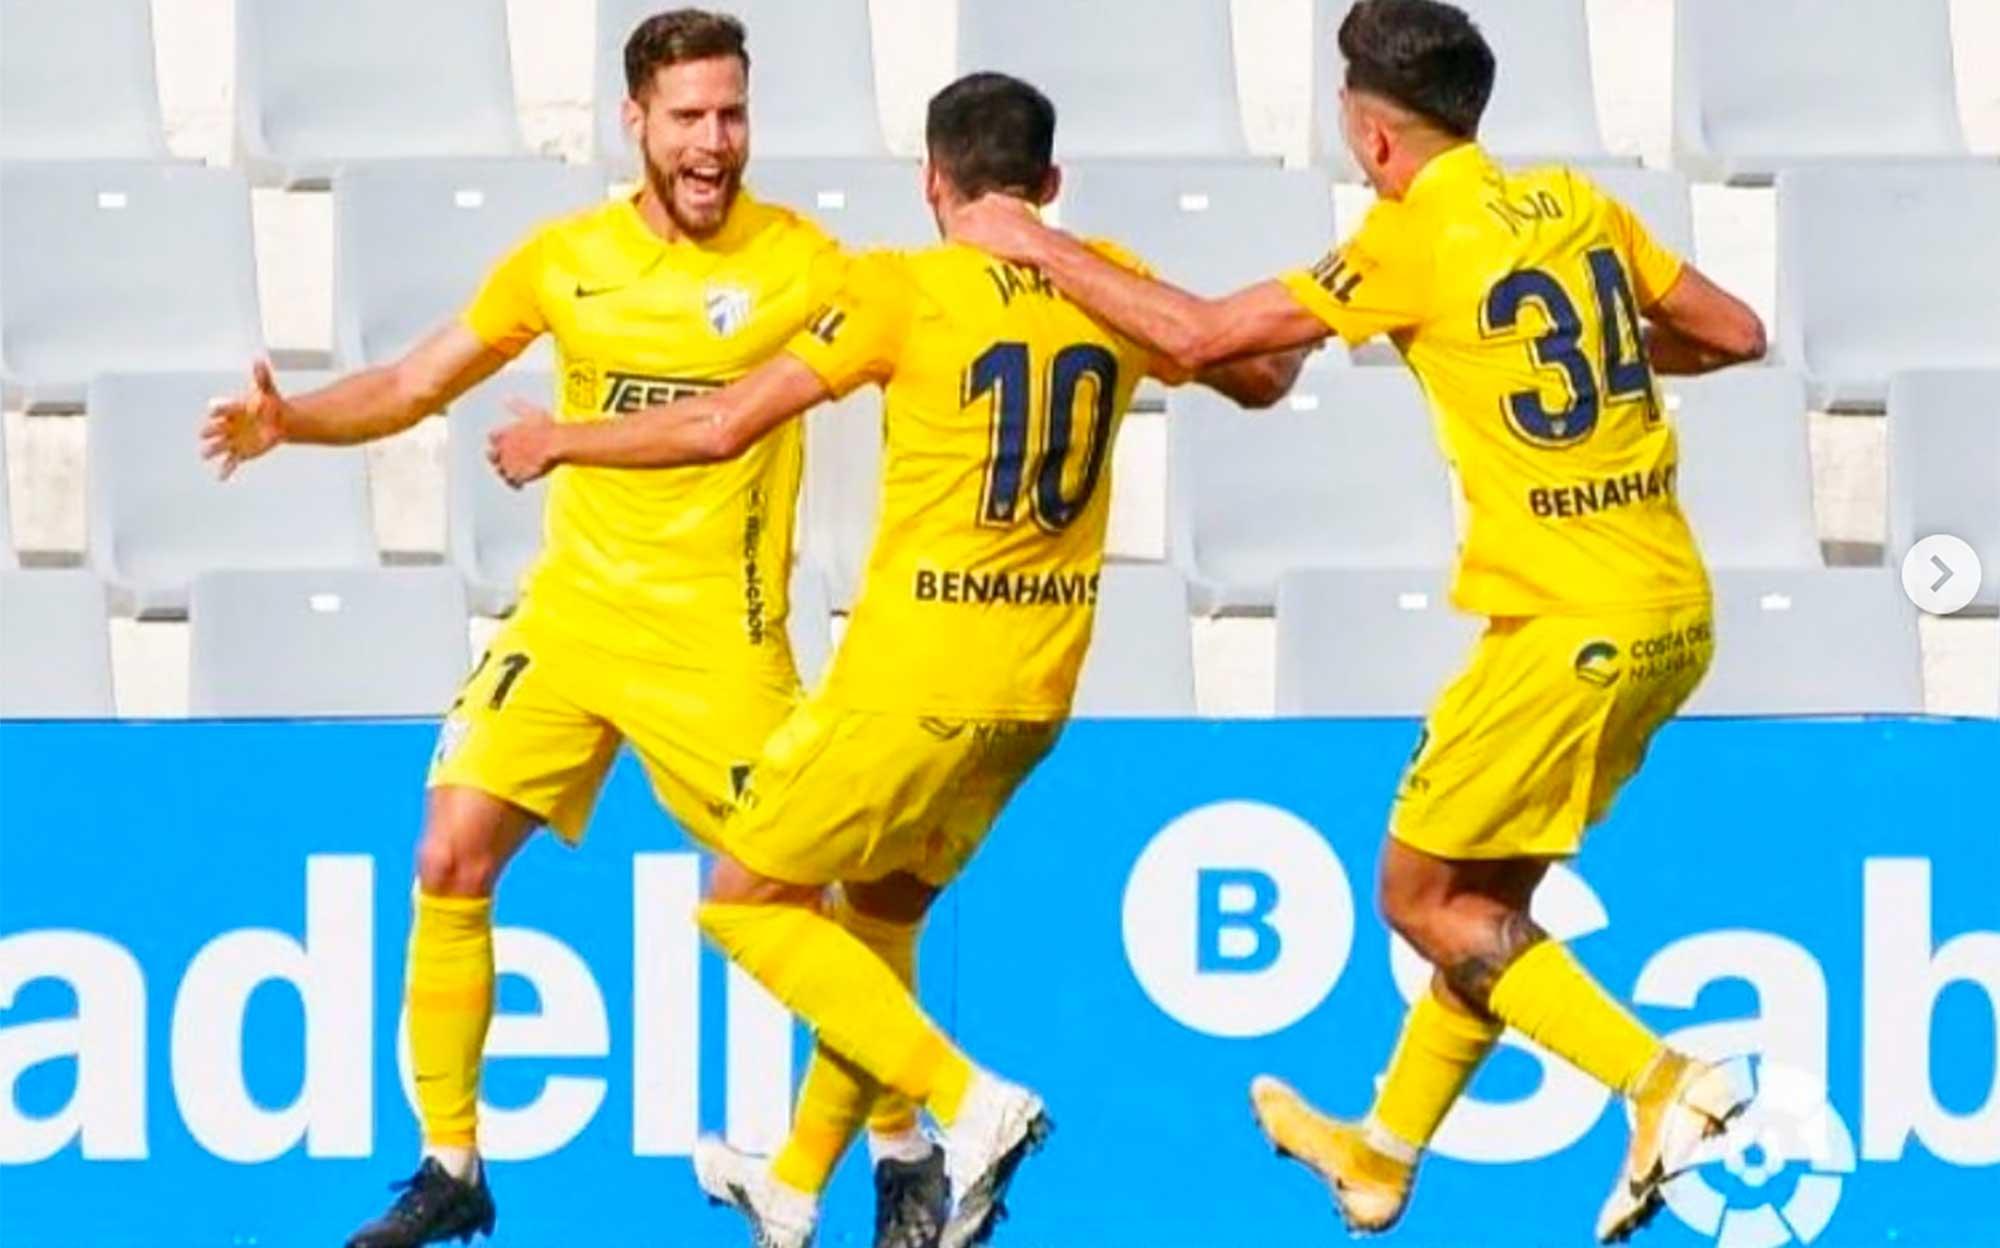 Imagen de Iván Calero después de marcar gol